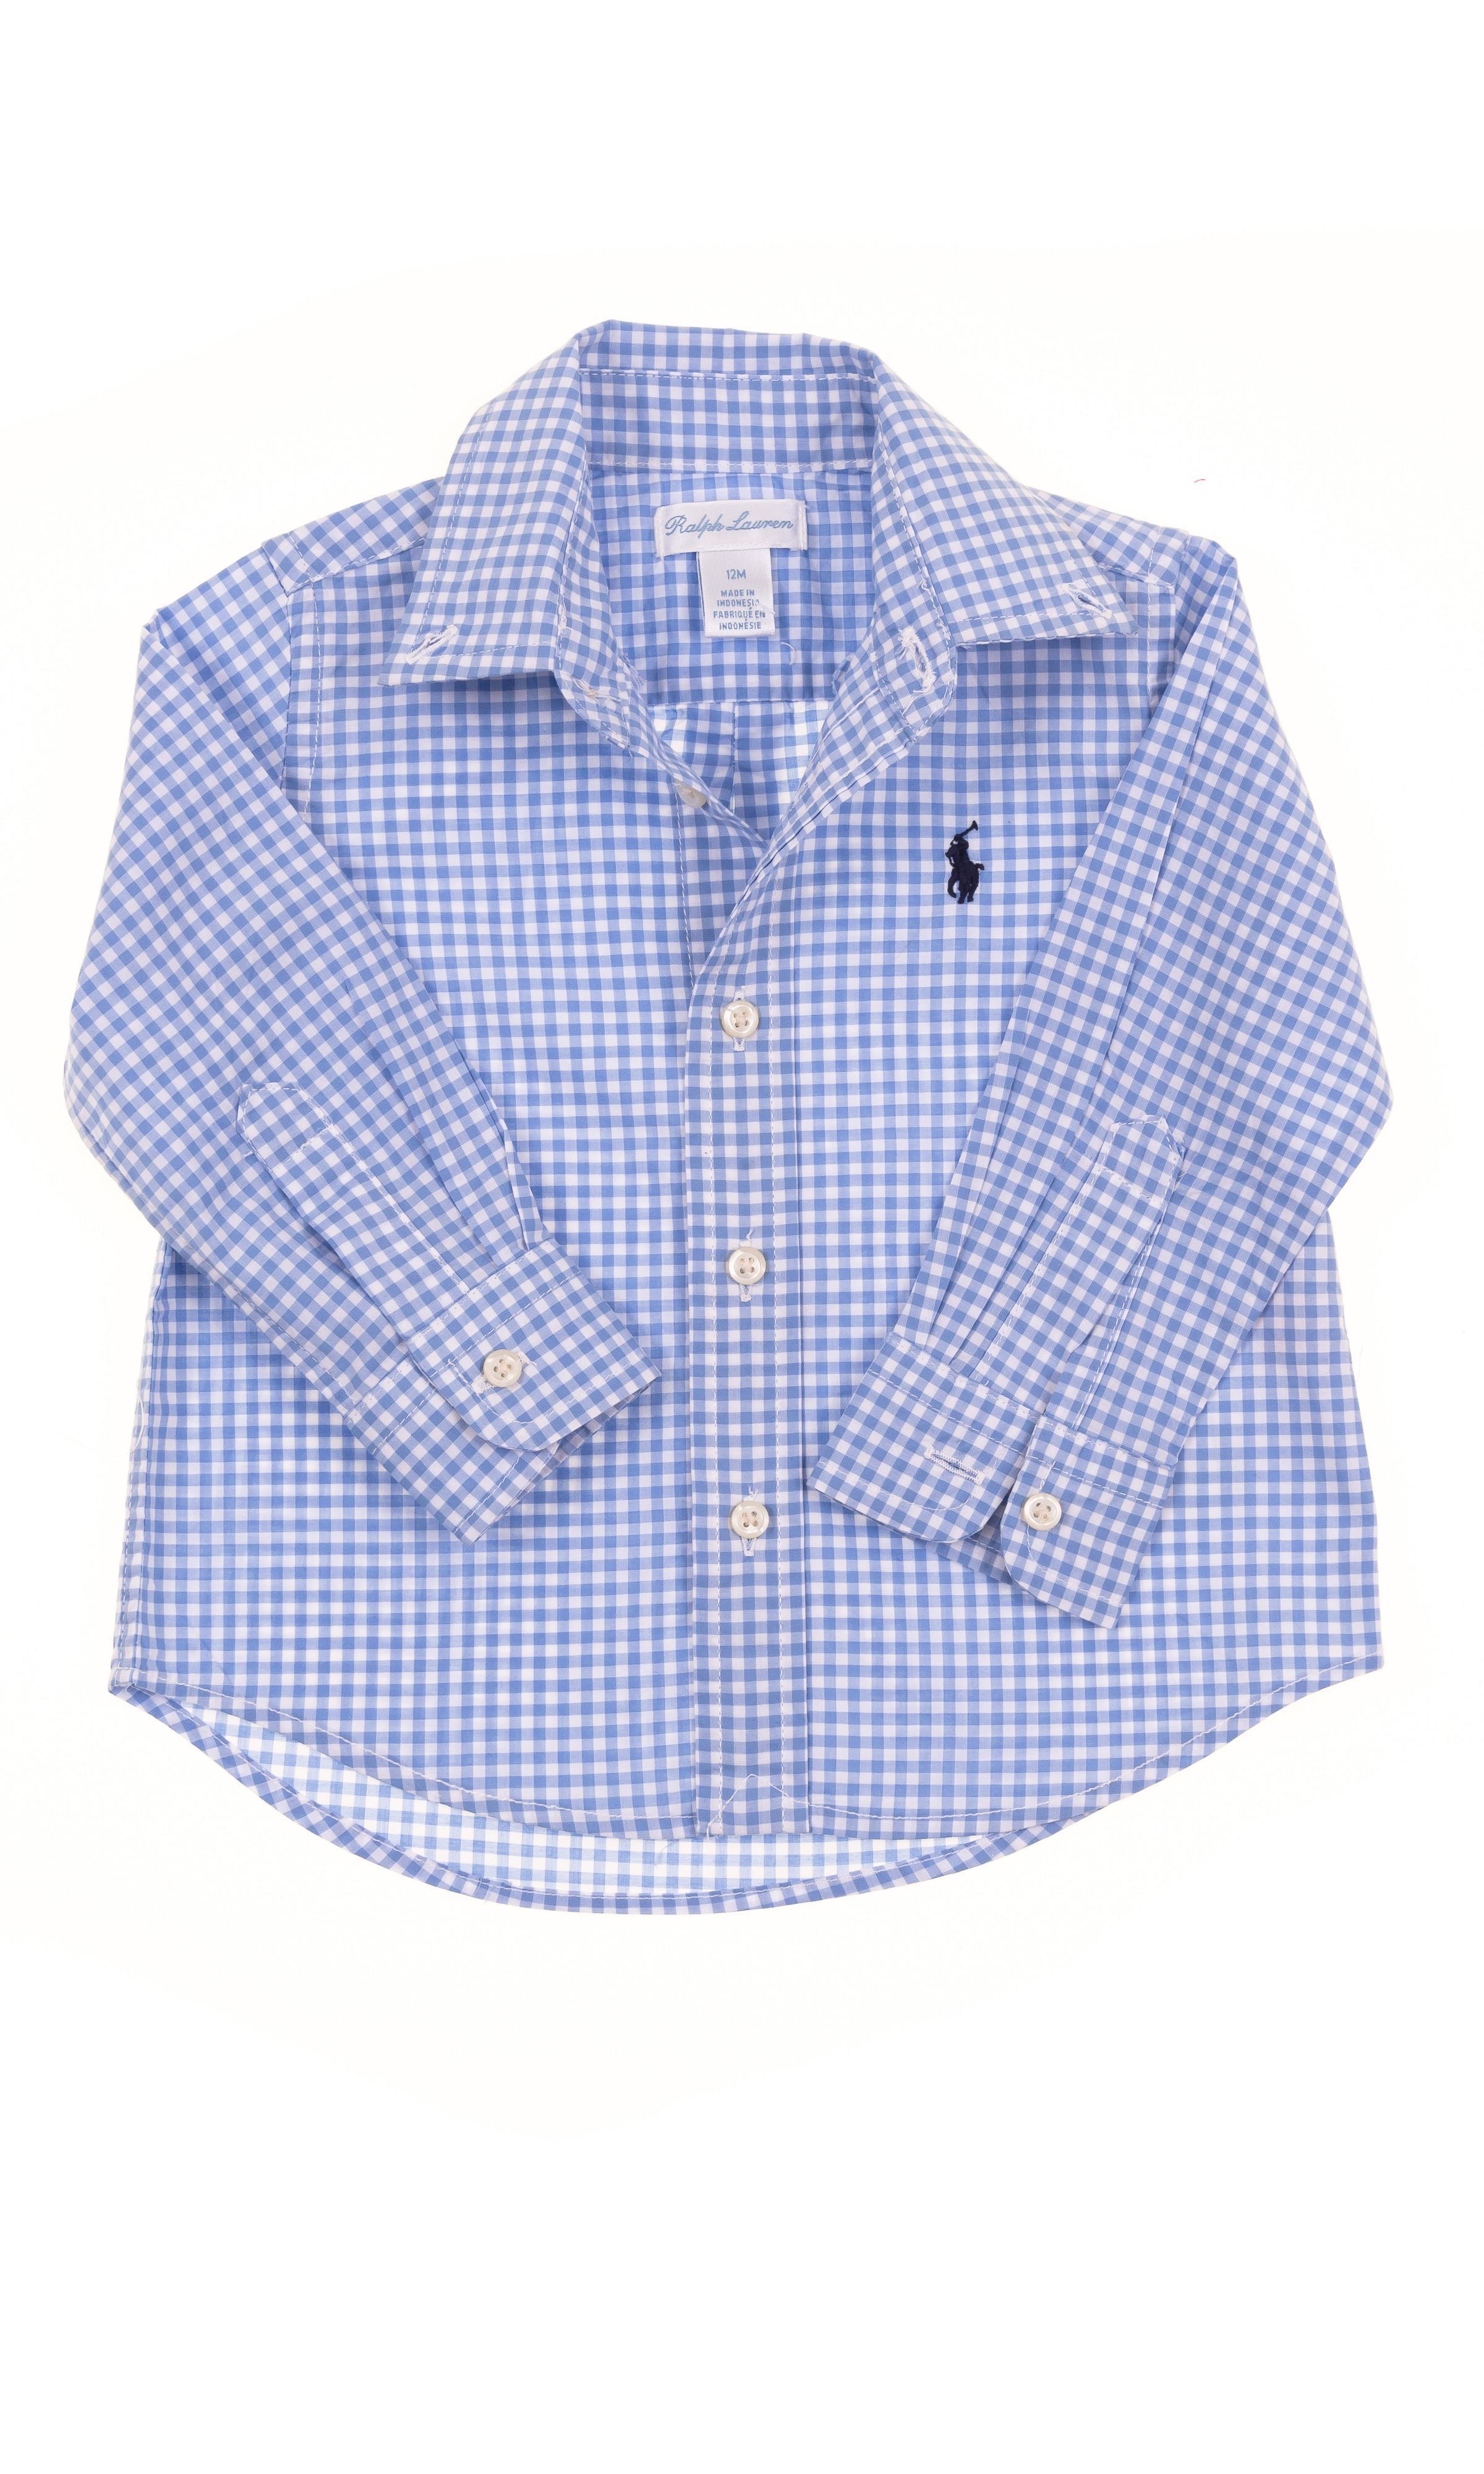 ea11333e5 Chemise bleue à carreaux fins, Polo Ralph Lauren - Celebrity-Club